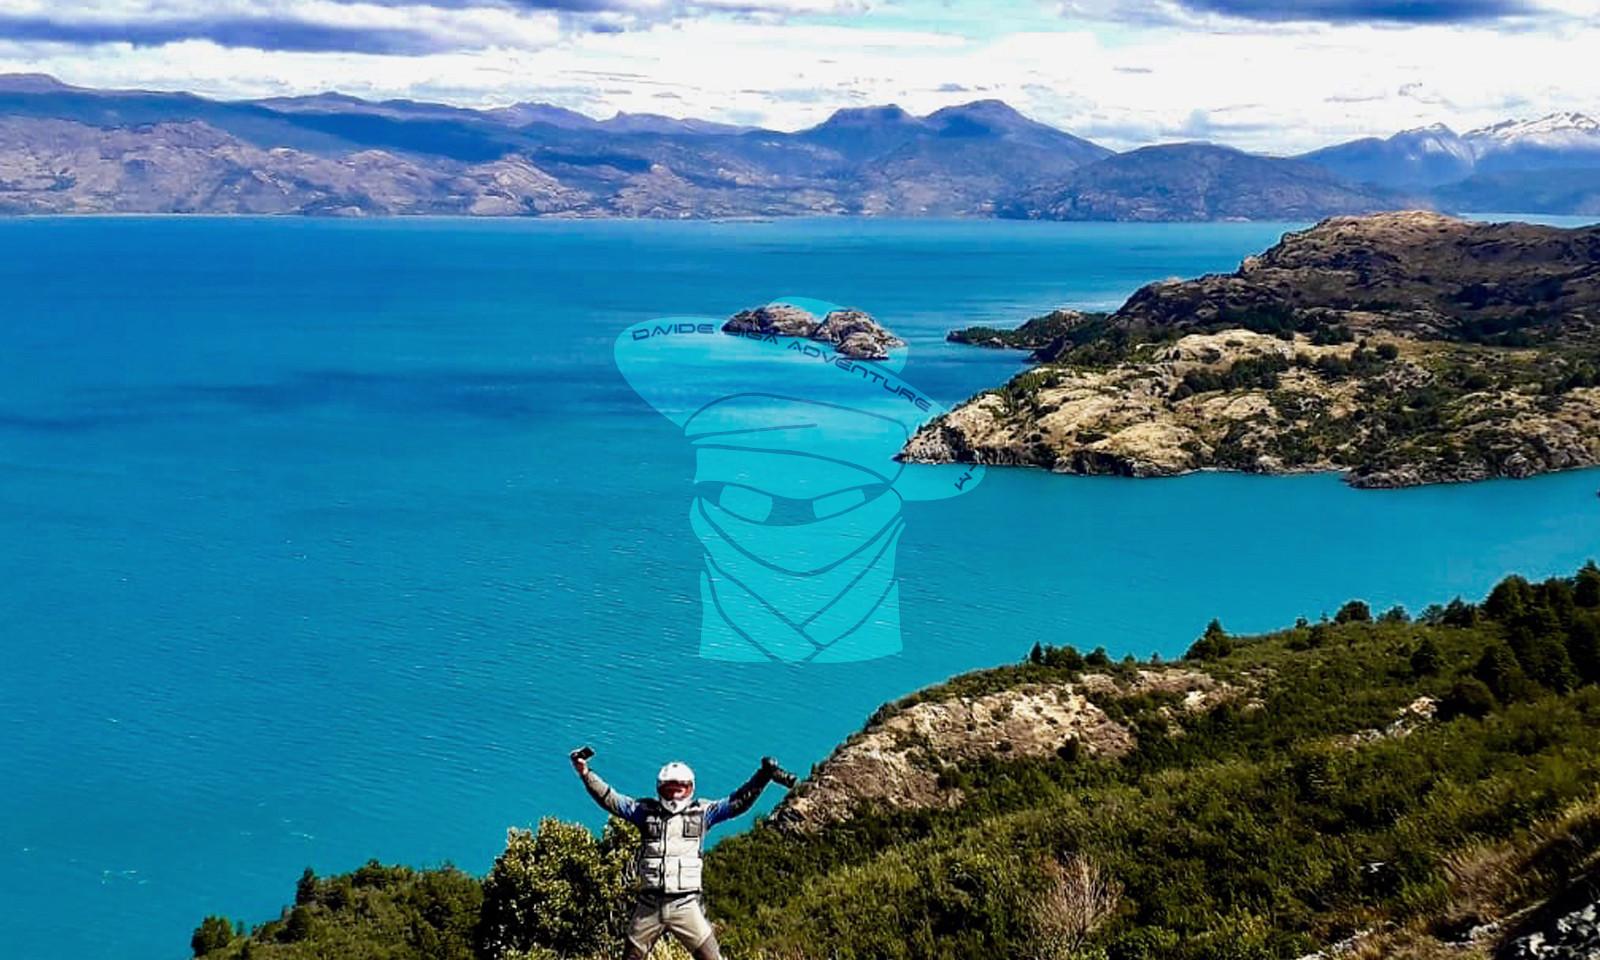 Carretera Austral, Patagonia